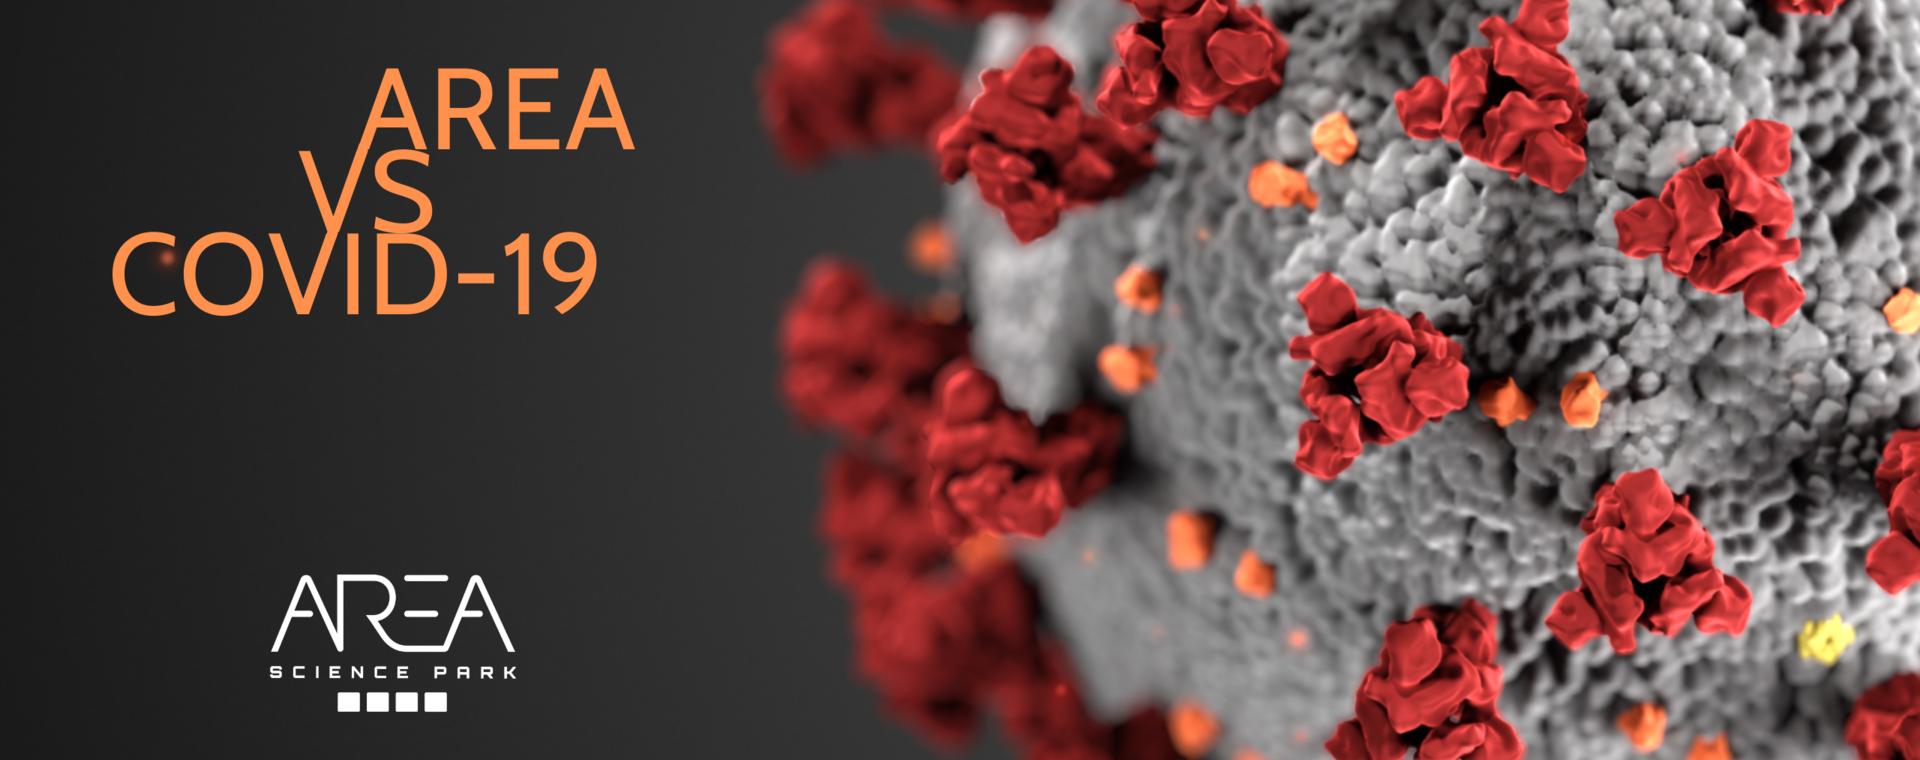 Elettra Covid Bot, una chatbot per dare informazioni sul coronavirus